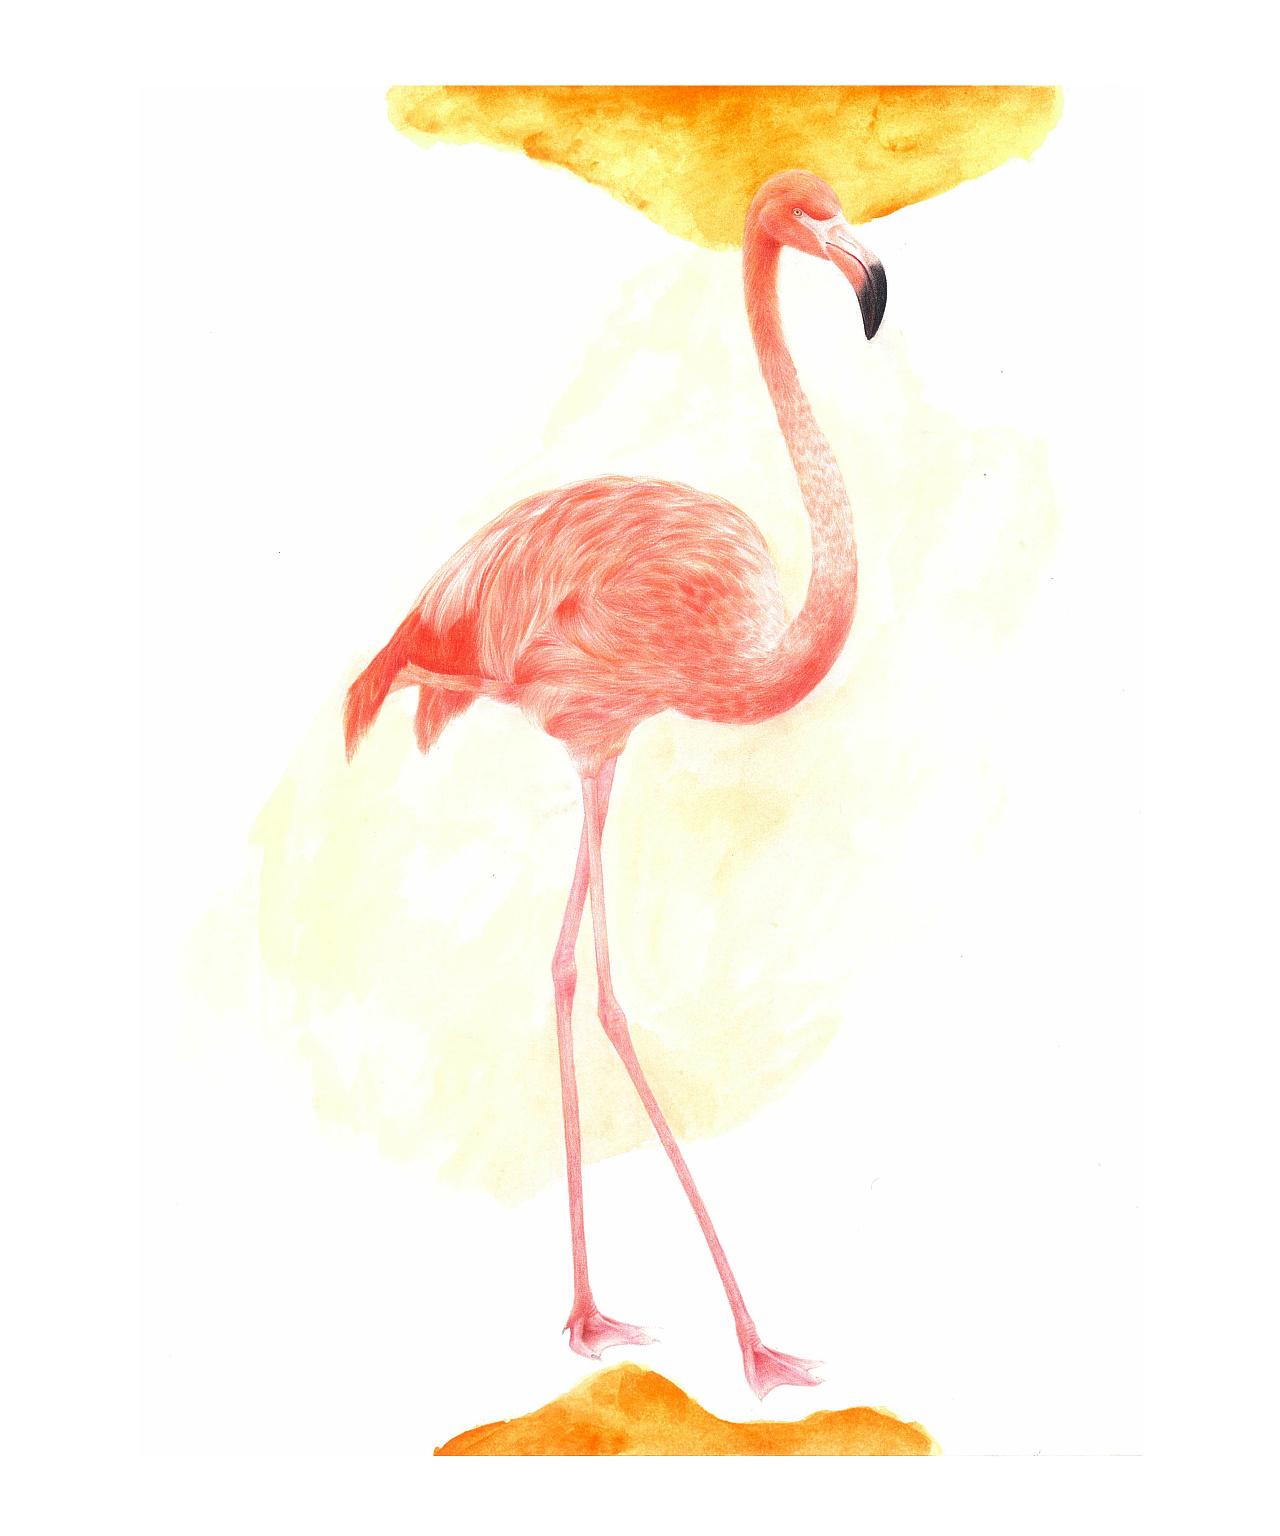 火烈鸟-彩铅画